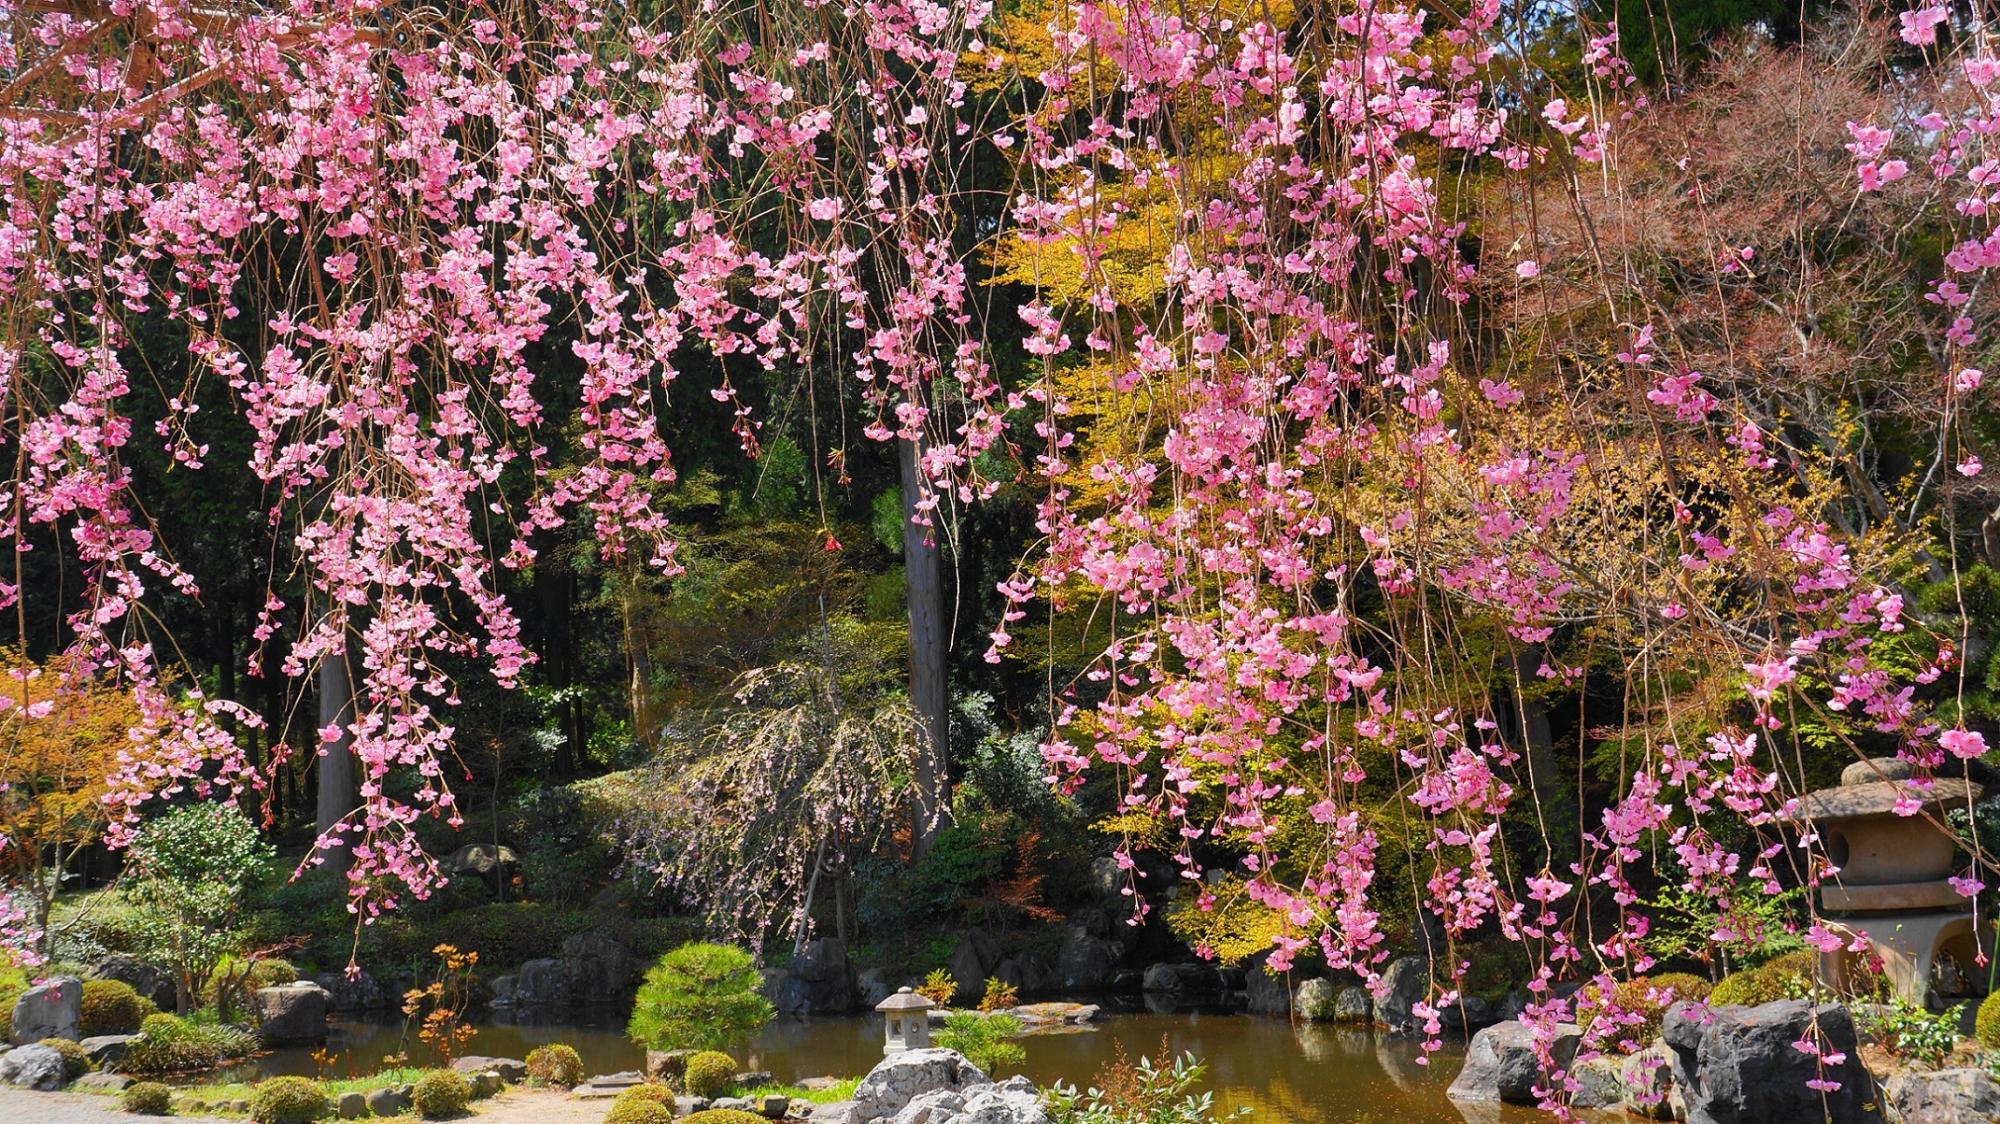 善峯寺の蓮華寿院庭のしだれと春の情景